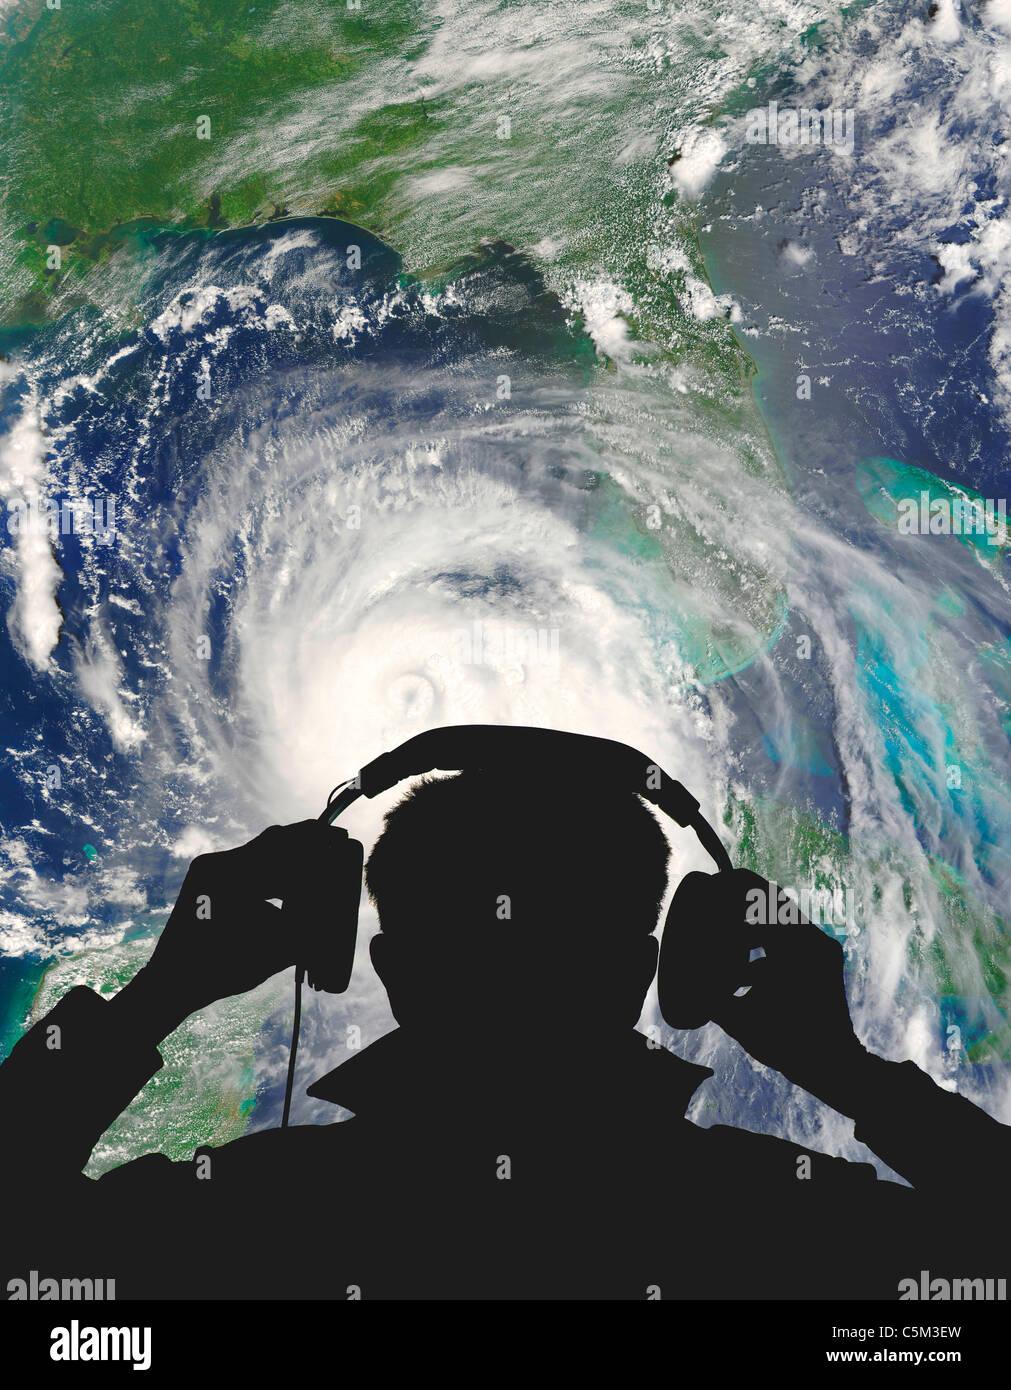 Uragano Katrina ingegnere meteo Foto Stock